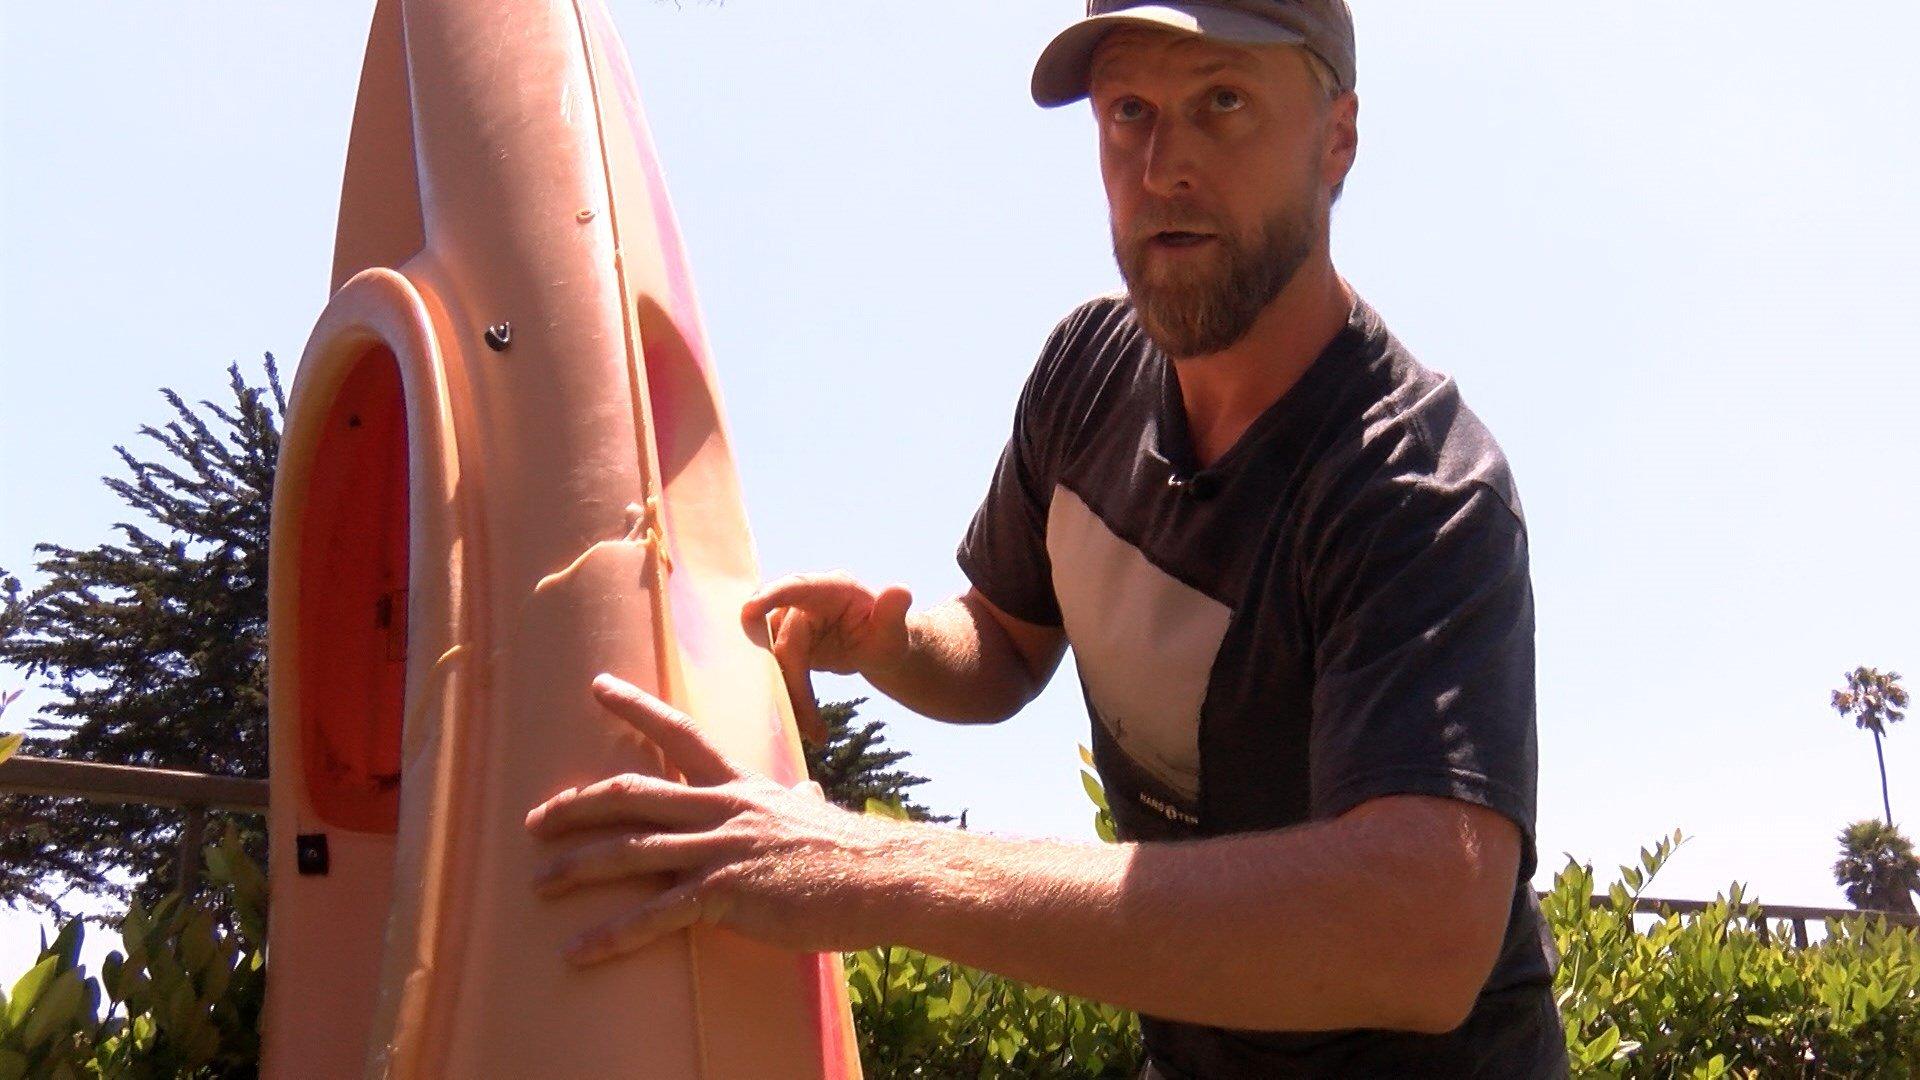 Kayaker survives shark attack in Santa Barbara